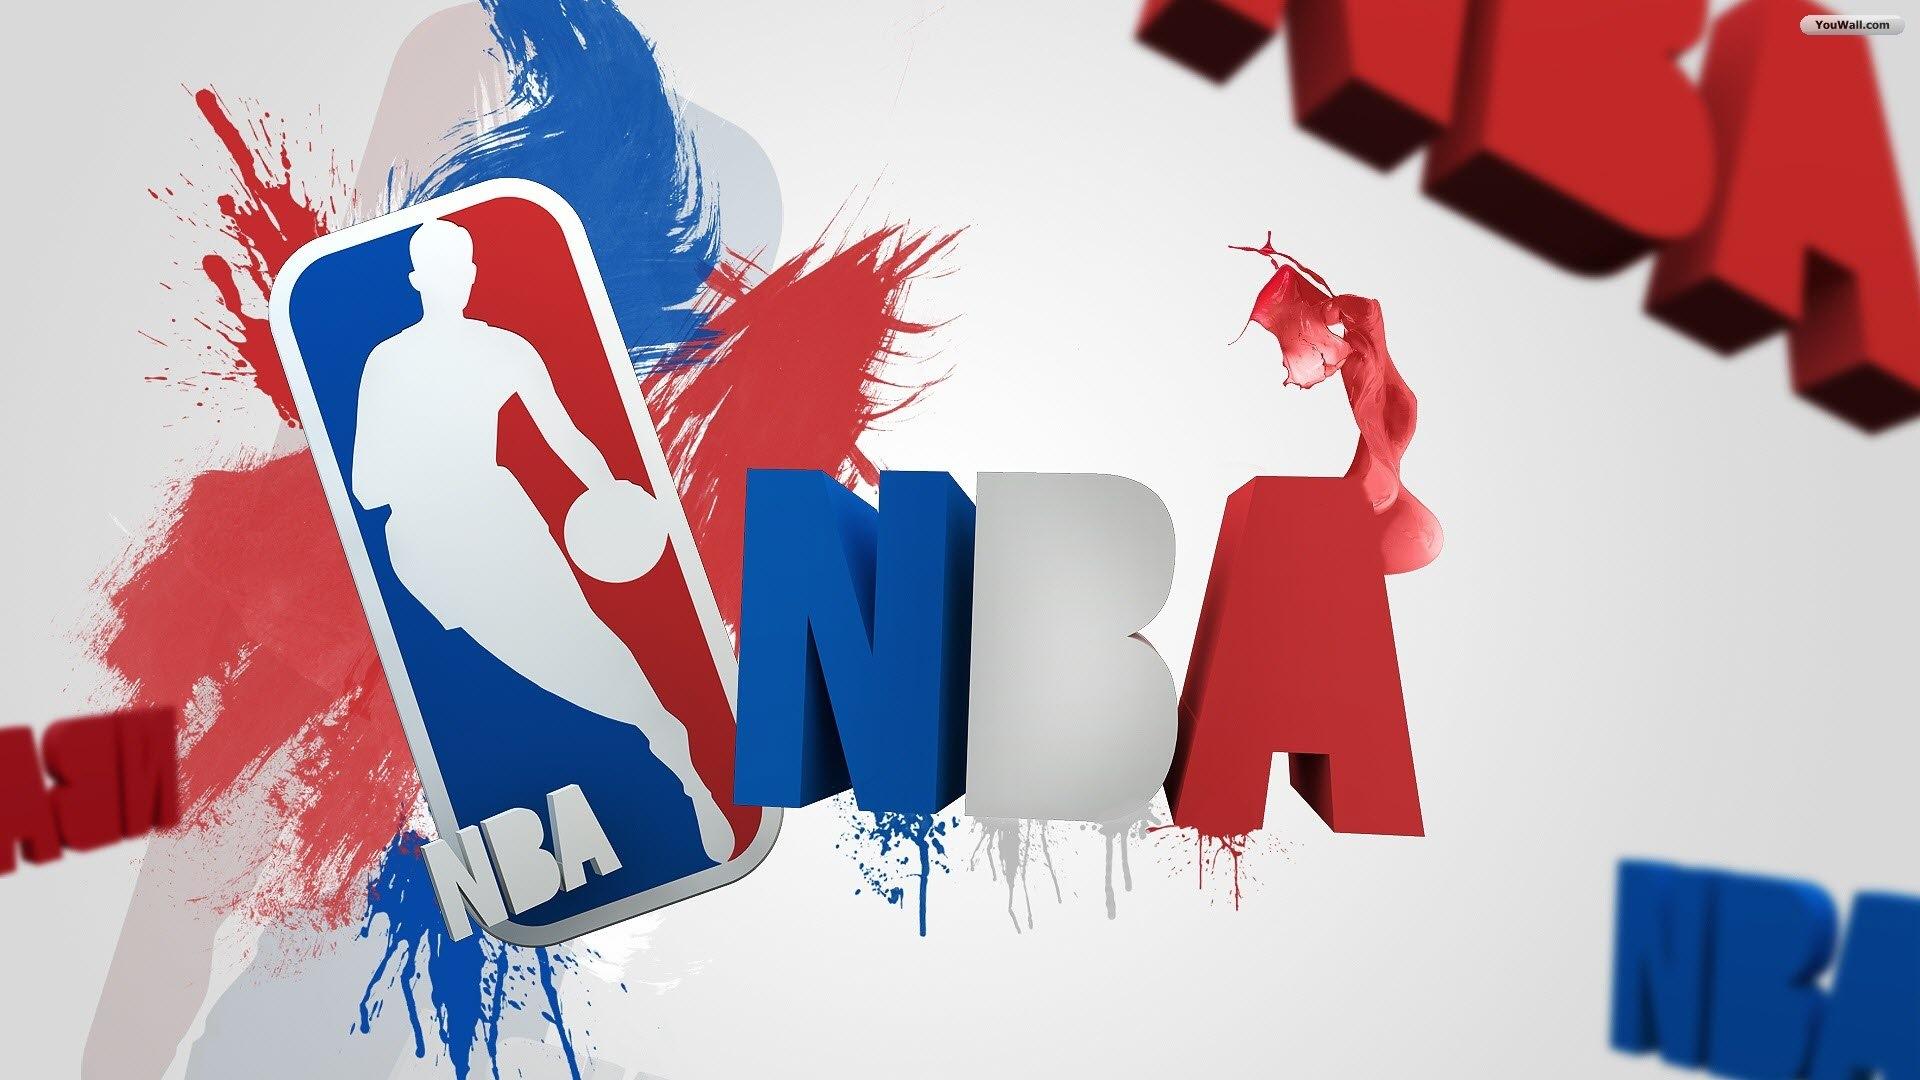 Мачове от редовния сезон в Националната баскетболна асоциация (НБА): Бруклин